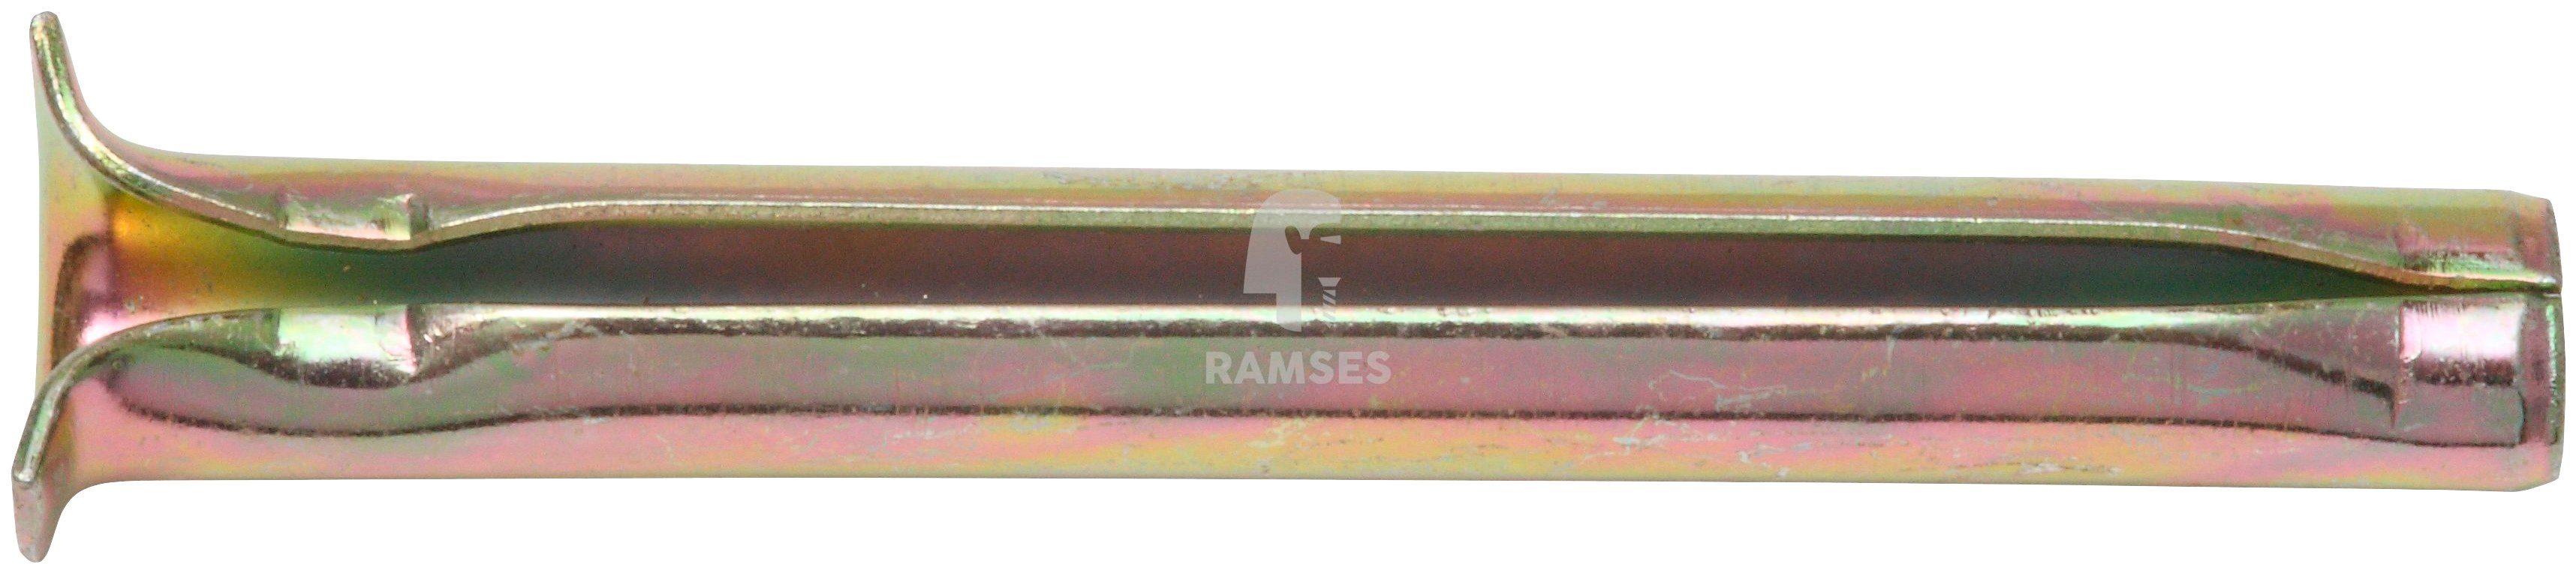 RAMSES Dübel , Spannstift 6 x 60 mm, gelb chromatiert 100 Stück